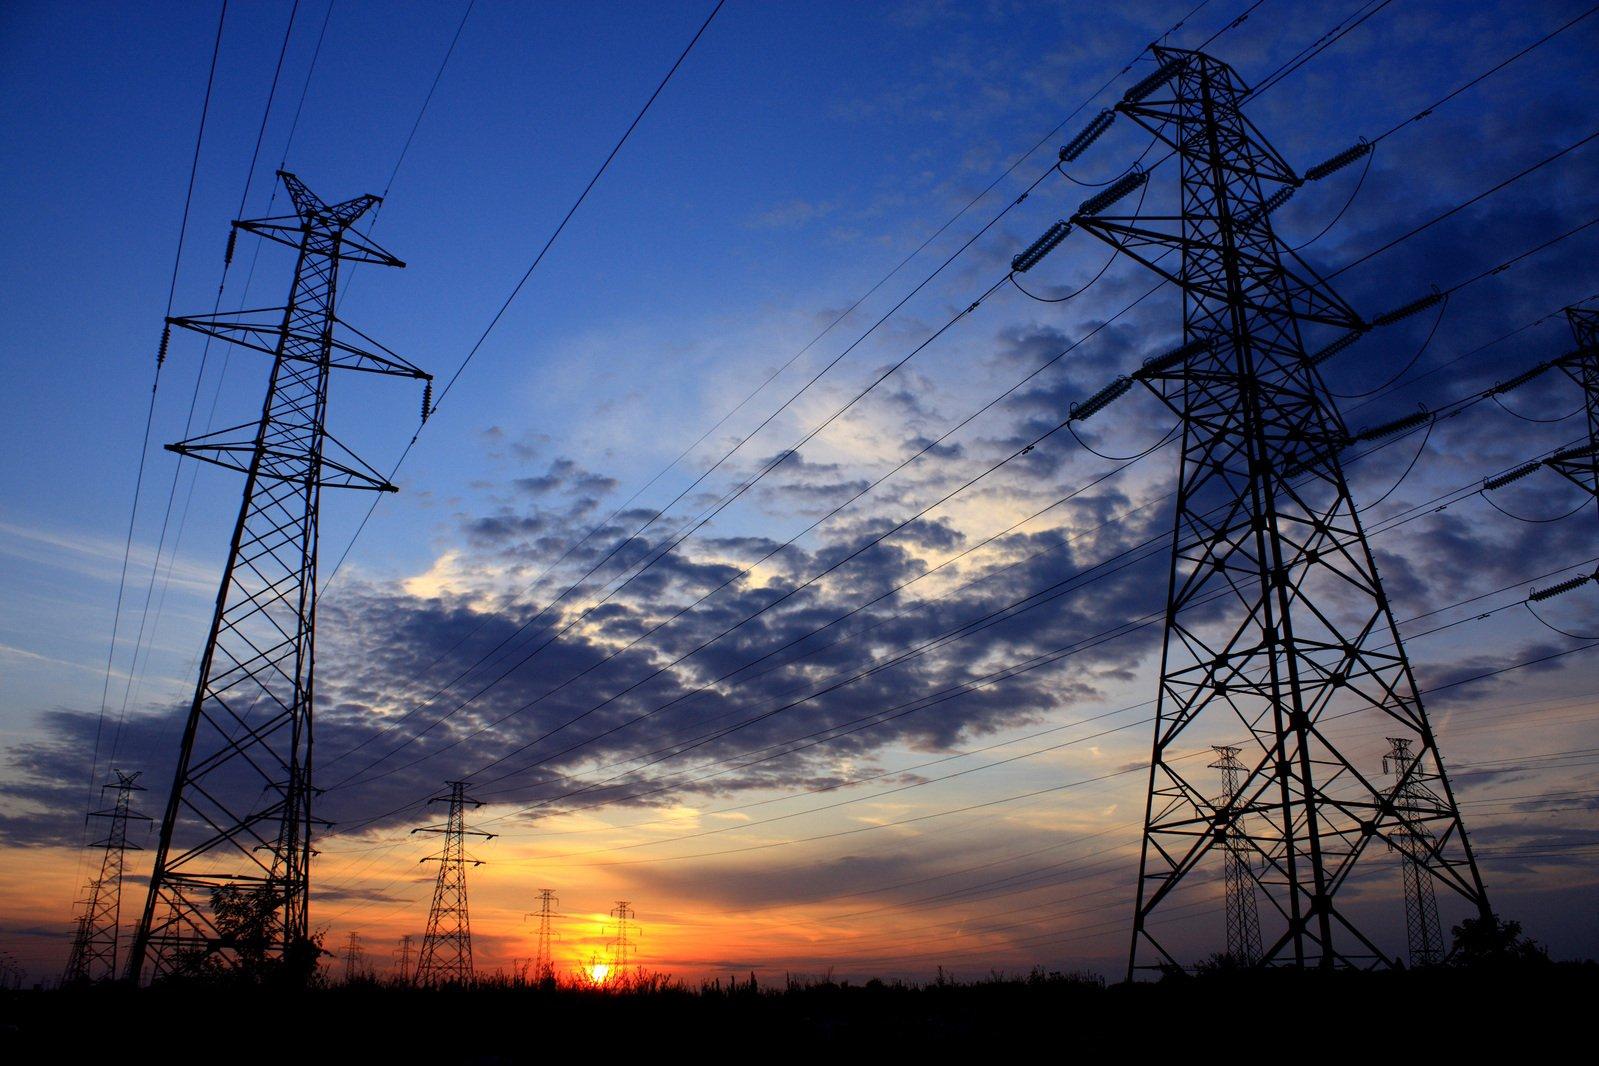 Цена на электроэнергию в России достигла своего максимума